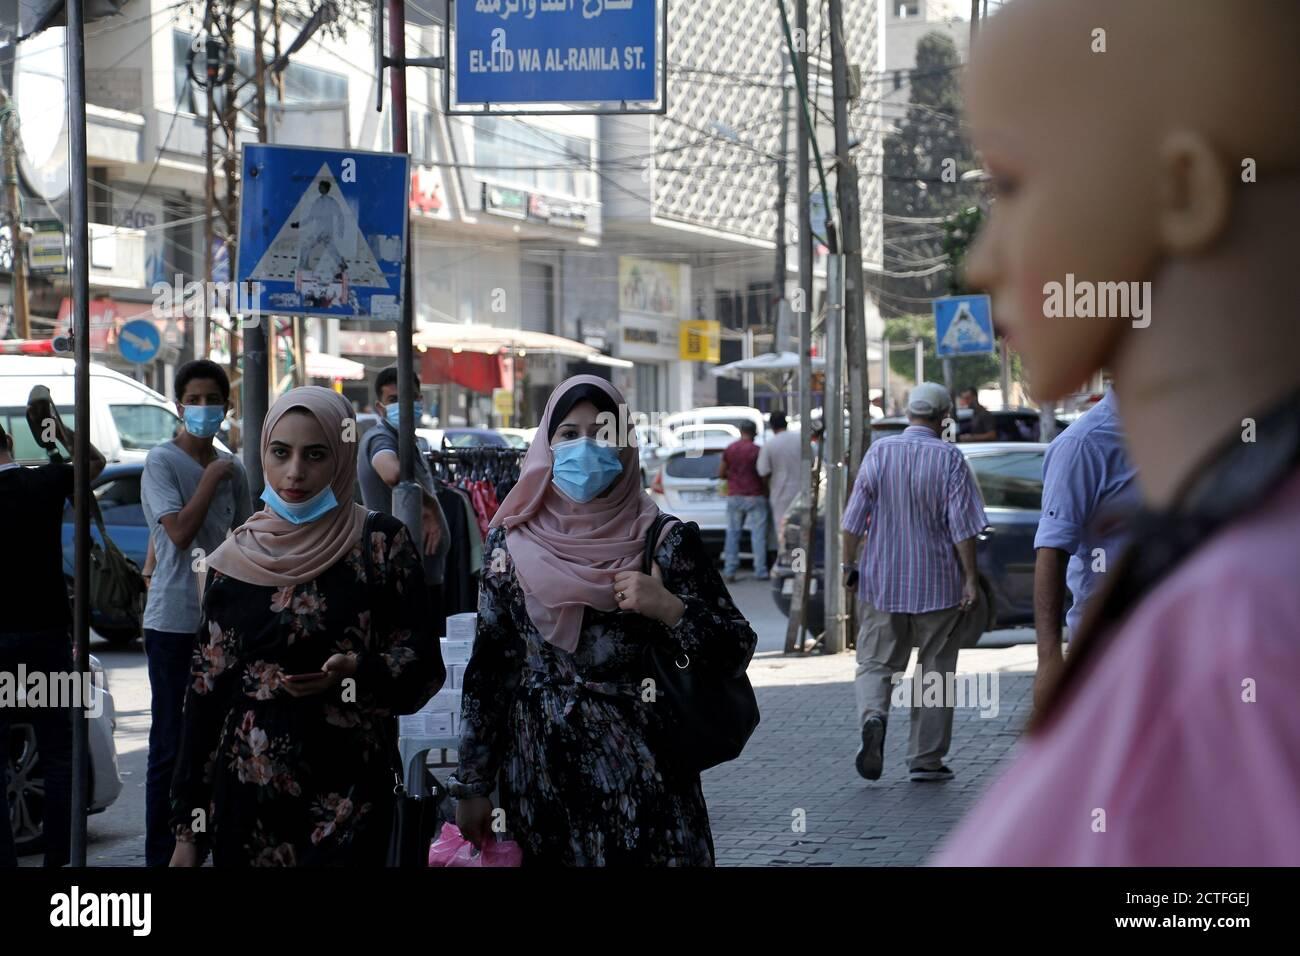 Gaza-Stadt. September 2020. Palästinenser mit Gesichtsmasken gehen am 22. September 2020 auf einer Straße in Gaza-Stadt. Palästina verzeichnete am Dienstag 557 neue Fälle, die mit dem neuartigen Coronavirus infiziert wurden, womit die Gesamtzahl der Infektionen auf 46,614 annahm. Im Gazastreifen hat die von der Hamas regierte Regierung kürzlich die Beschränkungen des Coronavirus gelockert. Kredit: Rizek Abdeljawad/Xinhua/Alamy Live Nachrichten Stockfoto